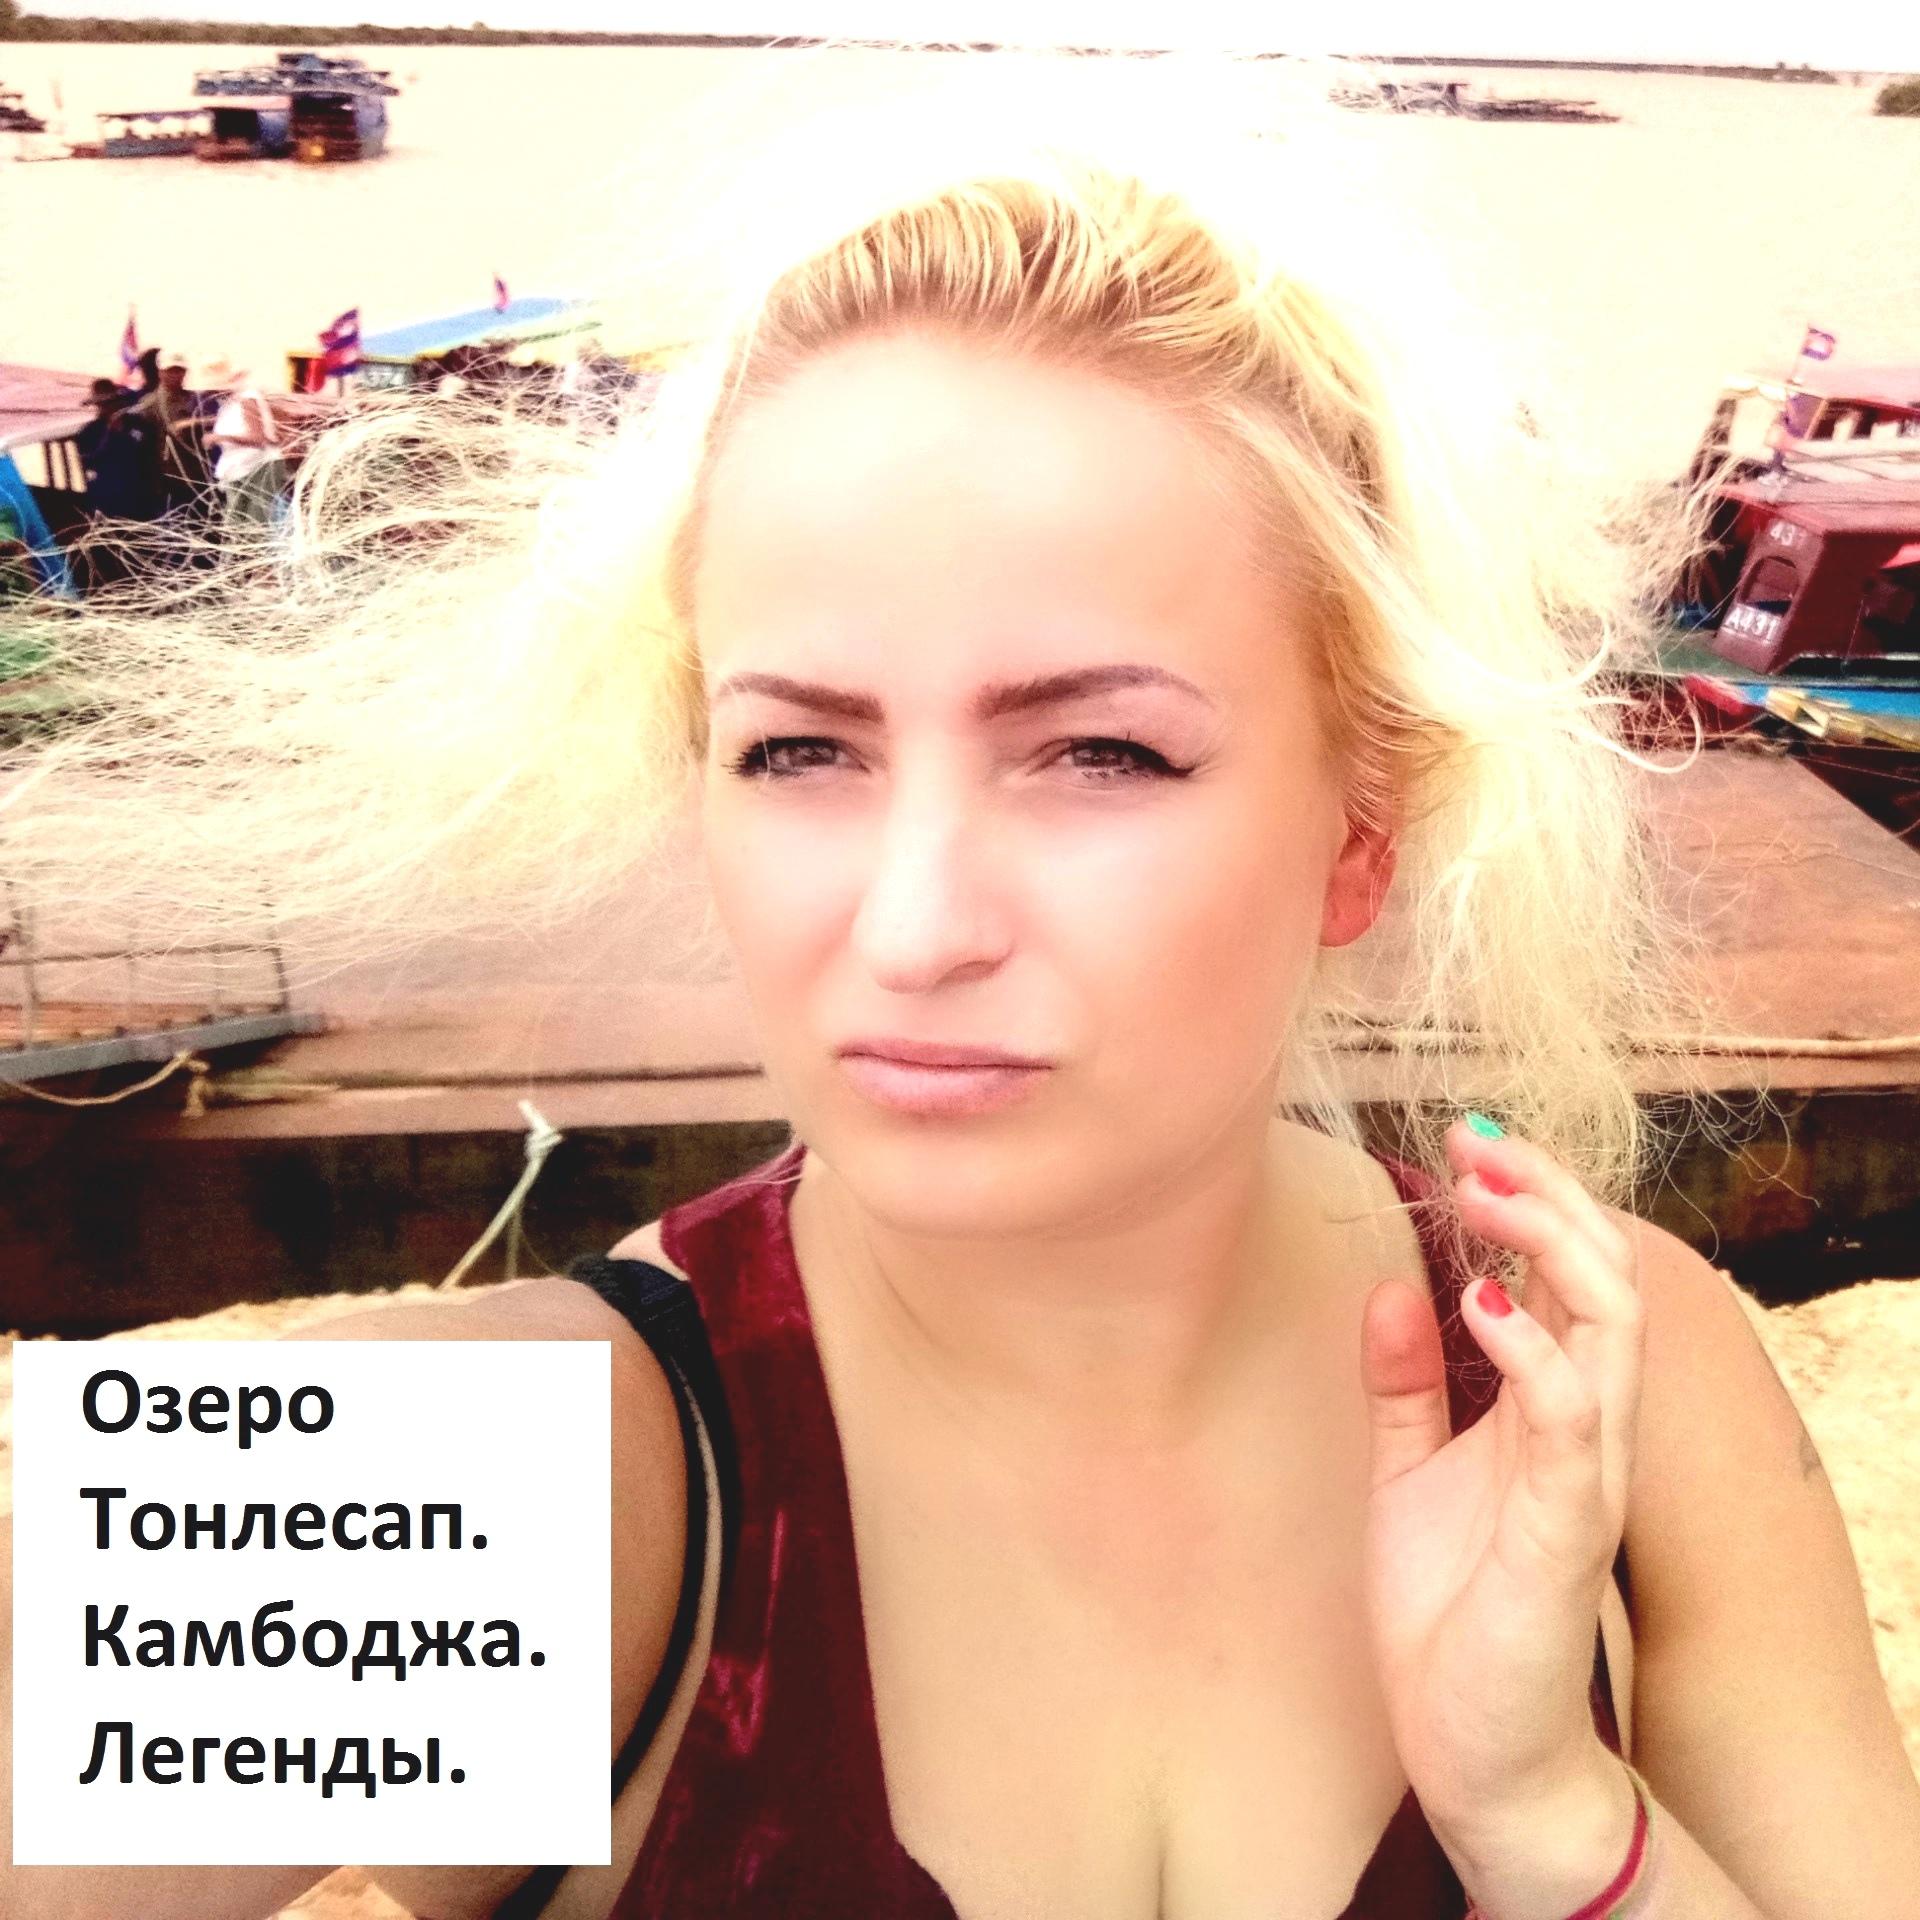 Хештег traveling на   Салон Магии и мистики Елены Руденко ( Валтеи ). Киев ,тел: 0506251562  ATqZMIzBKuc